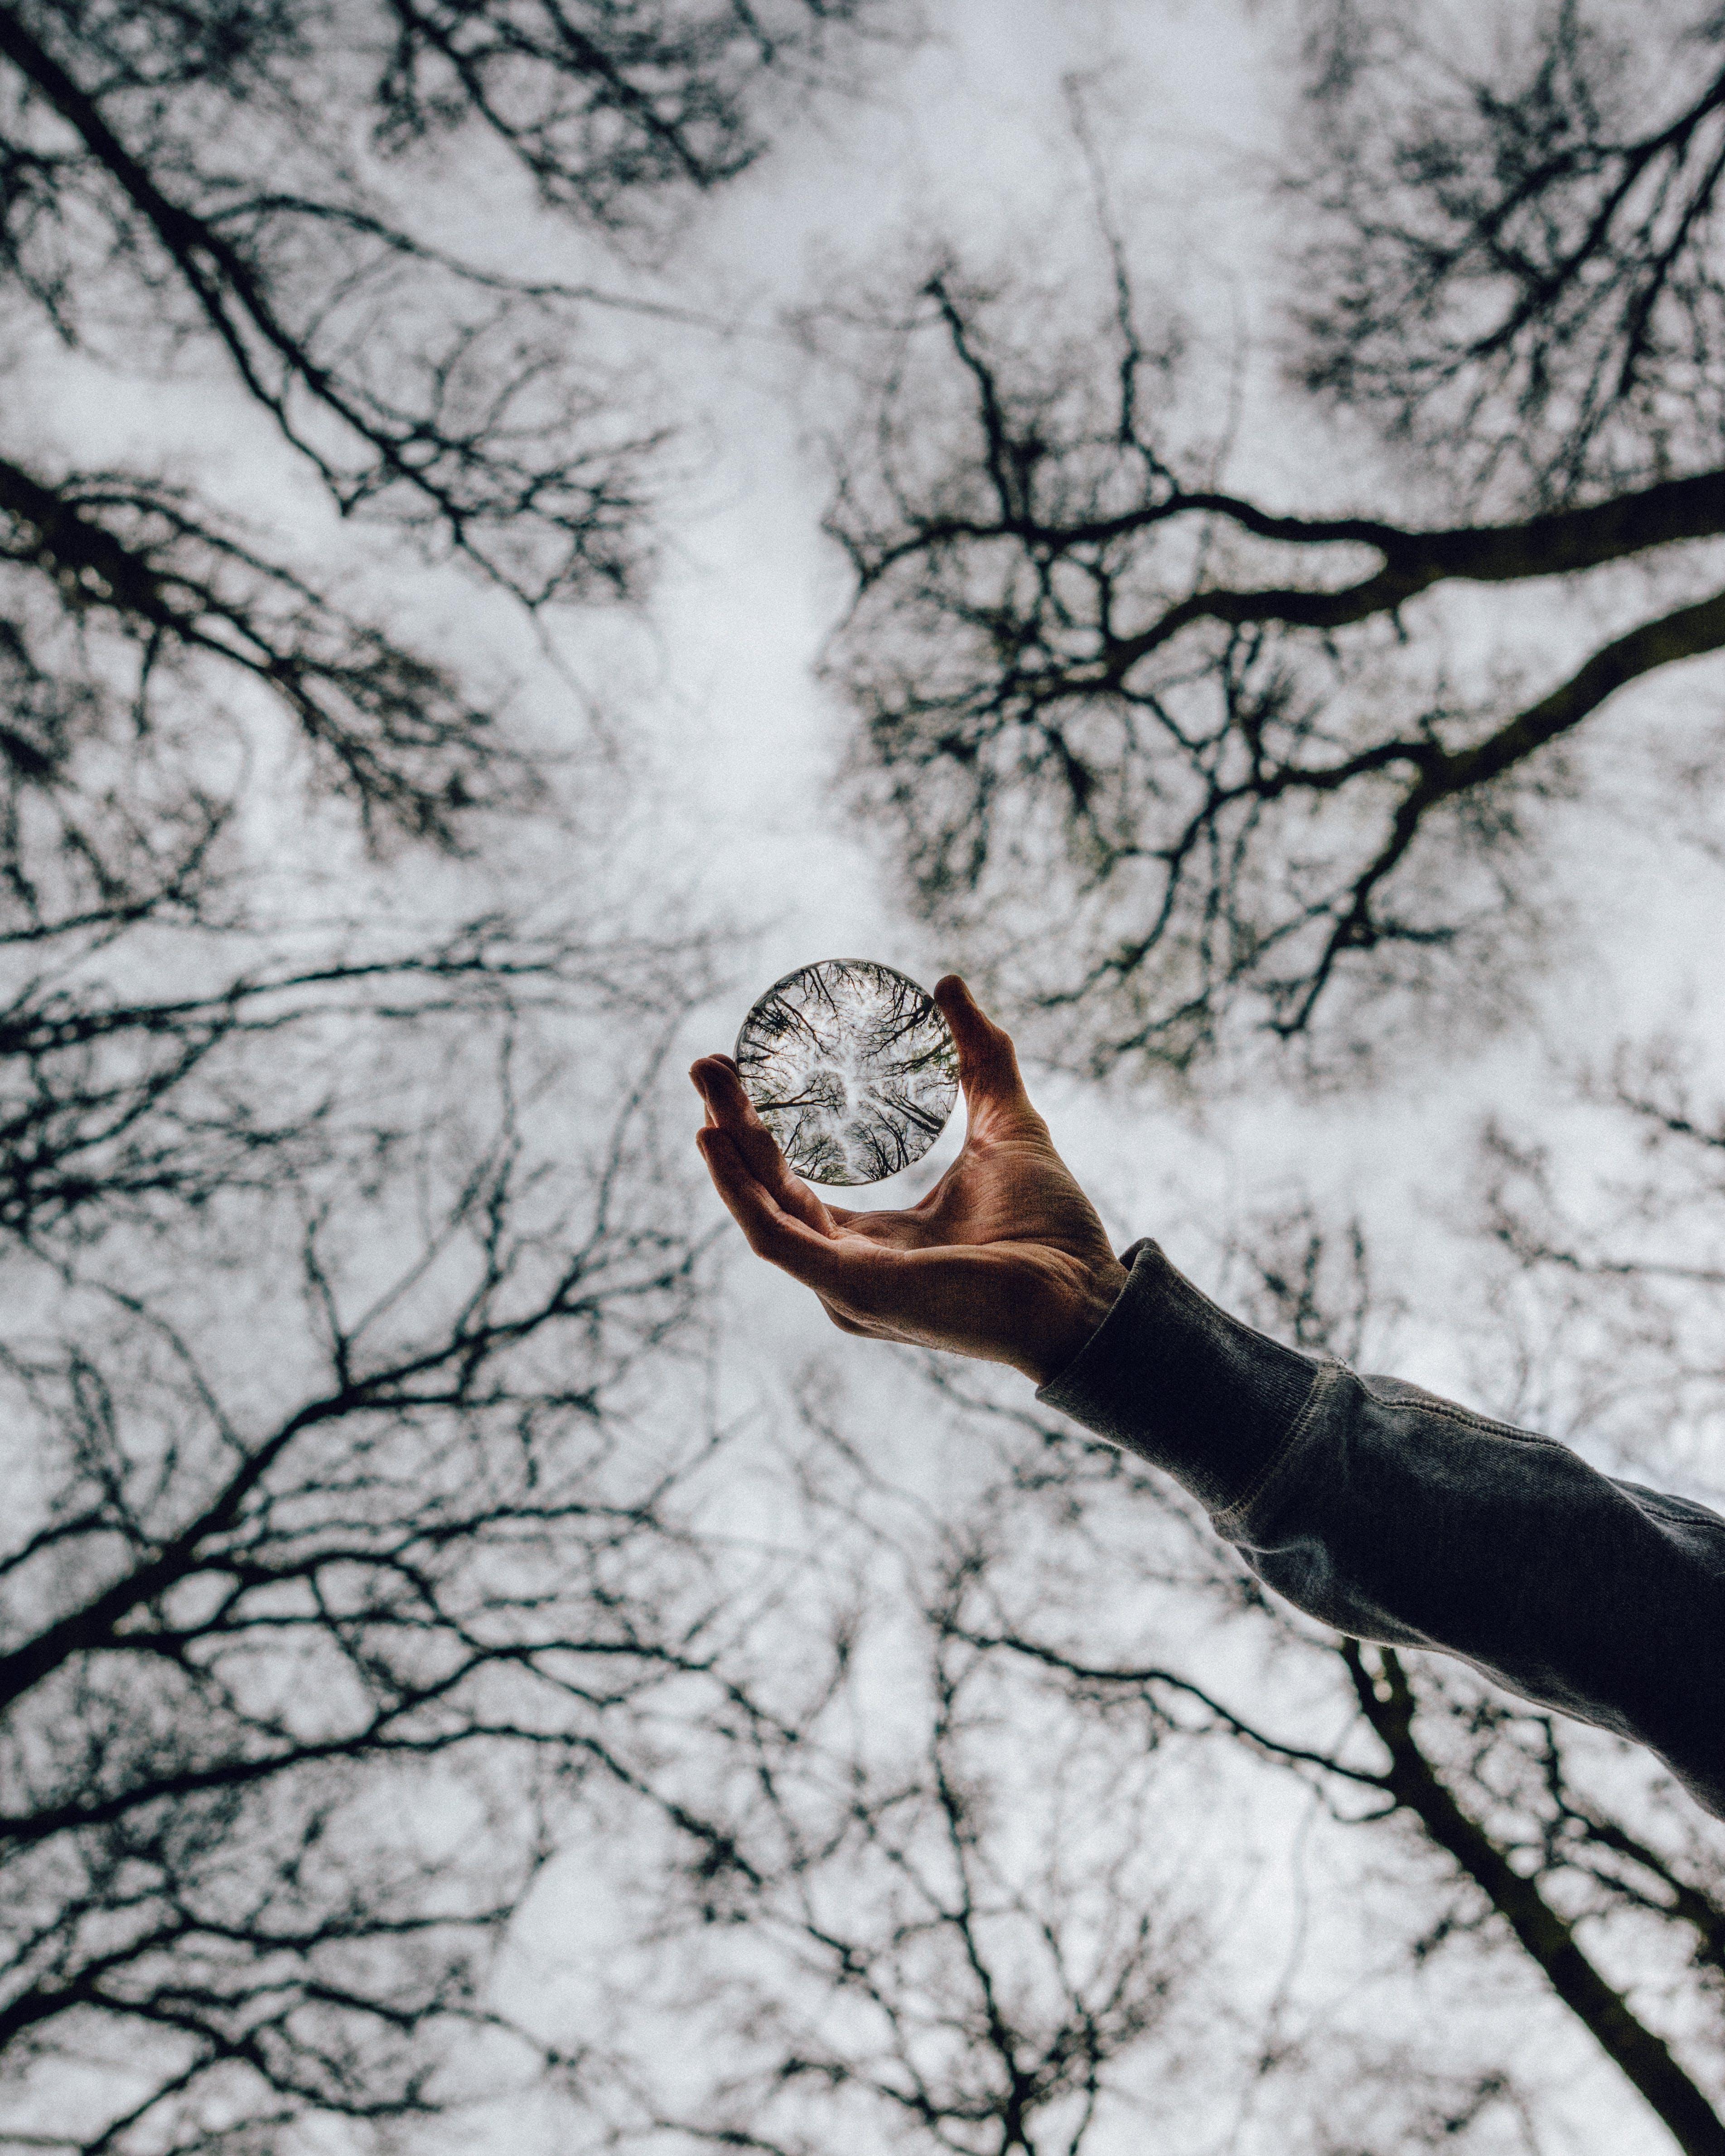 Fotos de stock gratuitas de arboles, bola de cristal, concentrarse, efecto desenfocado